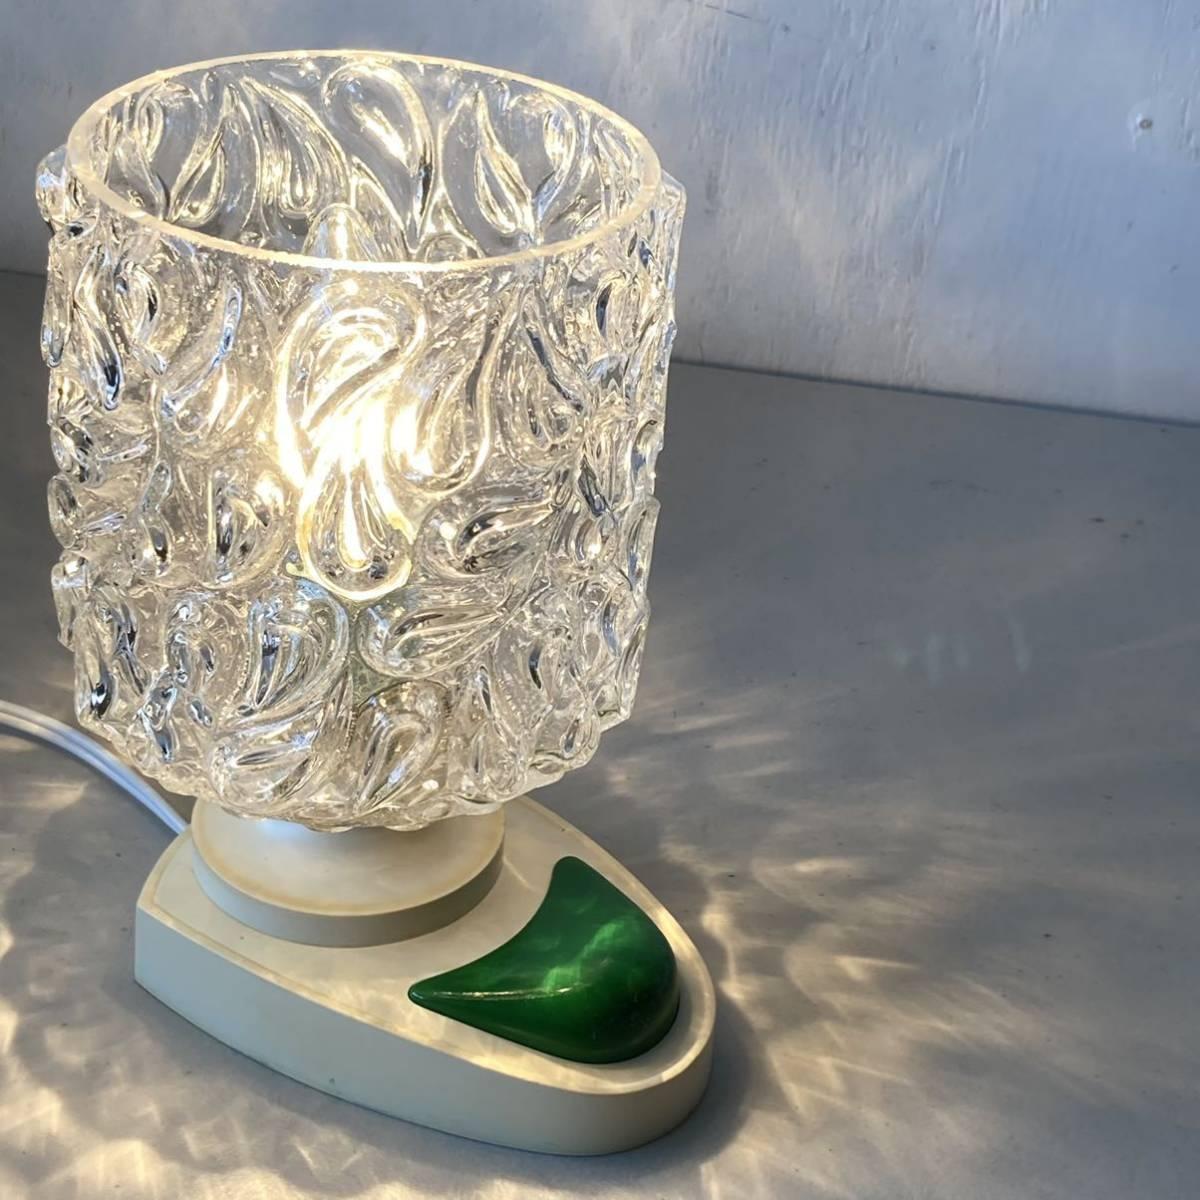 ドイツ70's ヴィンテージ ガラス シェード テーブルランプ ベッドサイド レトロ スペースエイジ インテリア_画像2